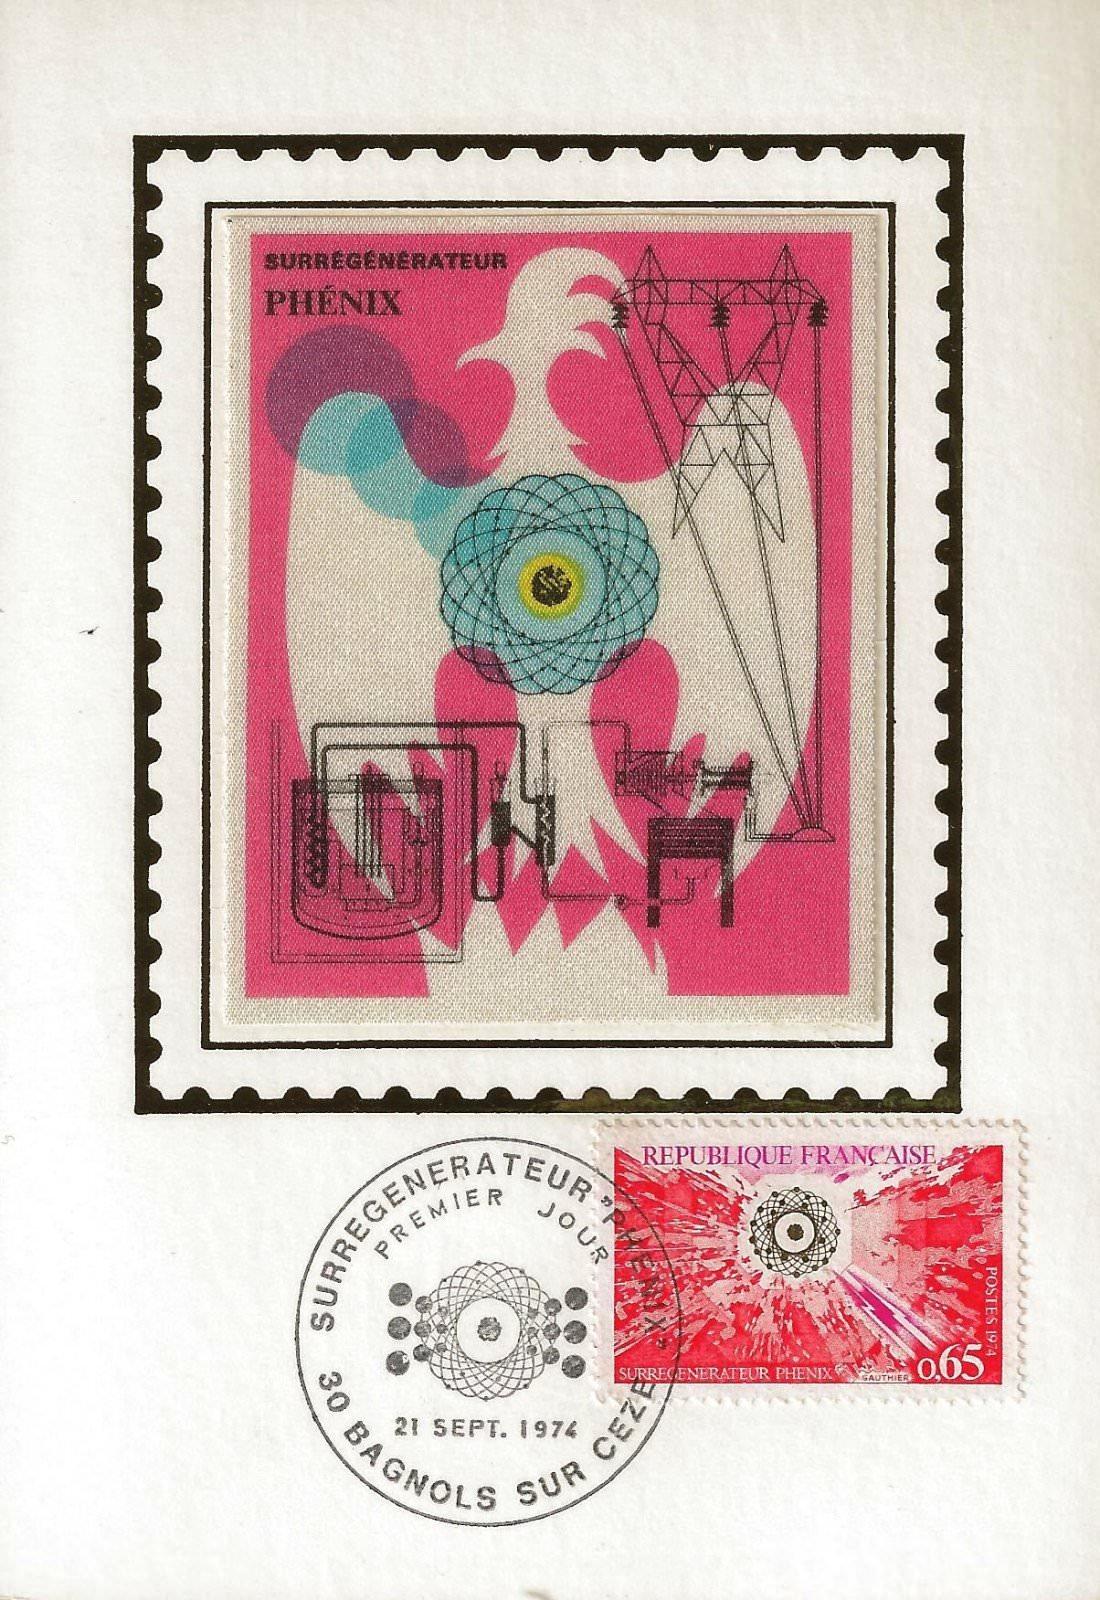 1974PHENIX